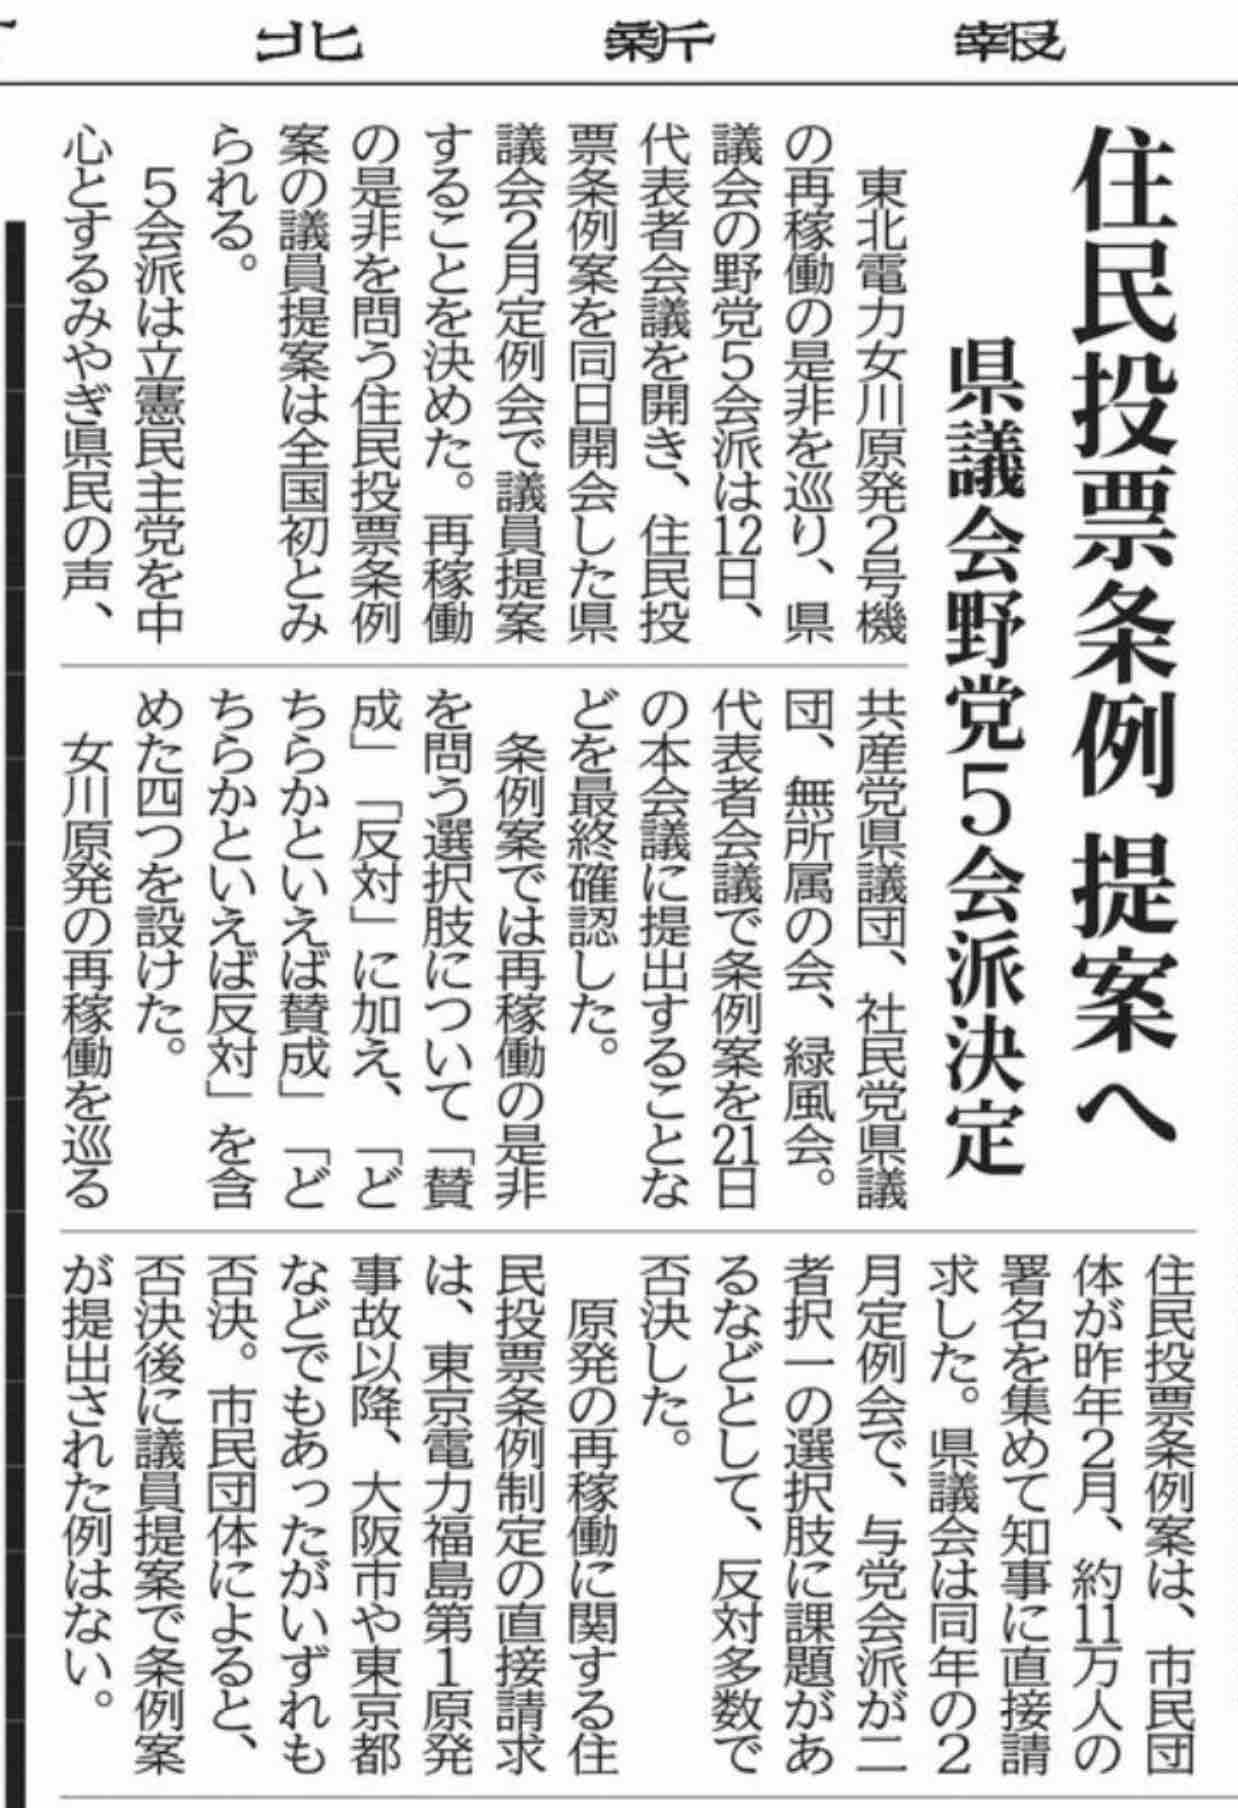 「女川原発2号炉の設置変更許可は妥当か」原子力資料情報室が声明_e0068696_1847599.jpg